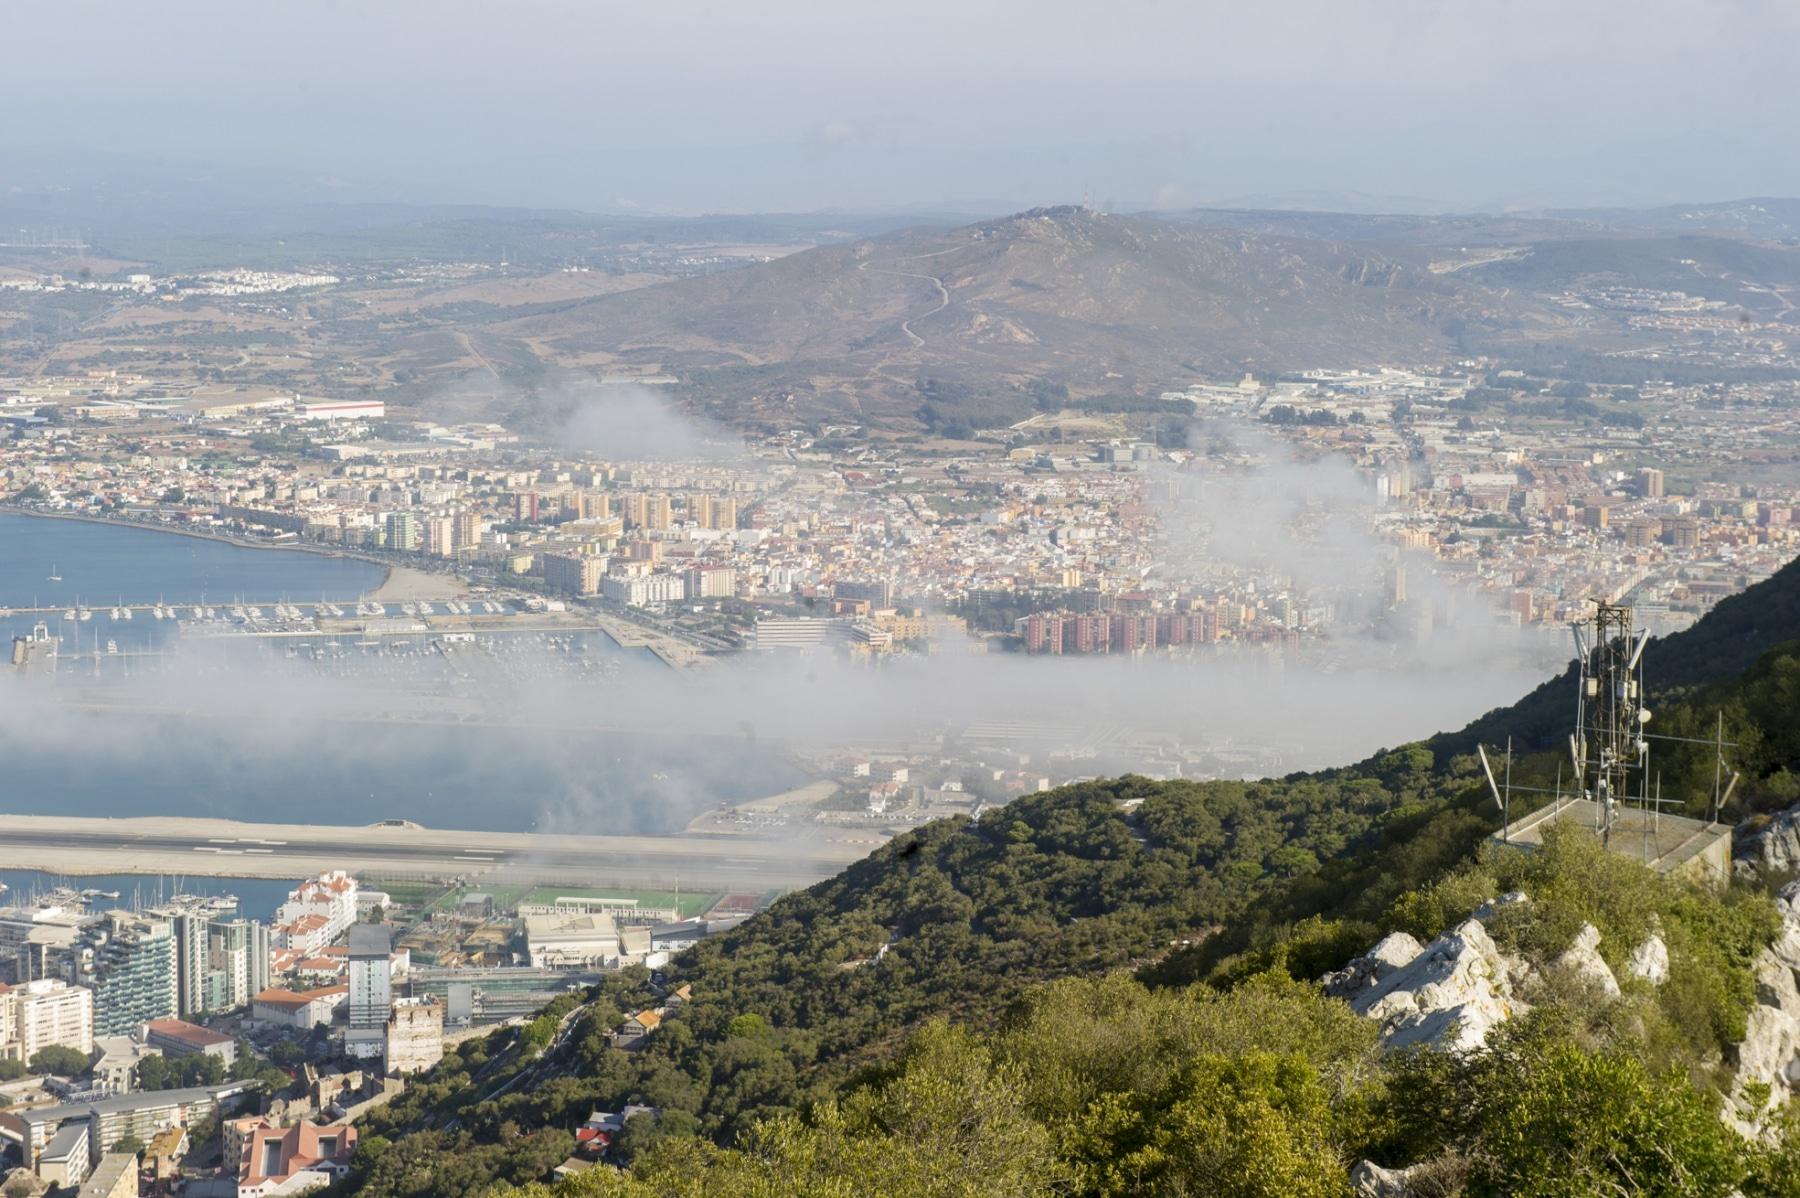 la-nube-de-levante-se-desliza-por-la-pista-del-aeropuerto-de-gibraltar_22551395120_o